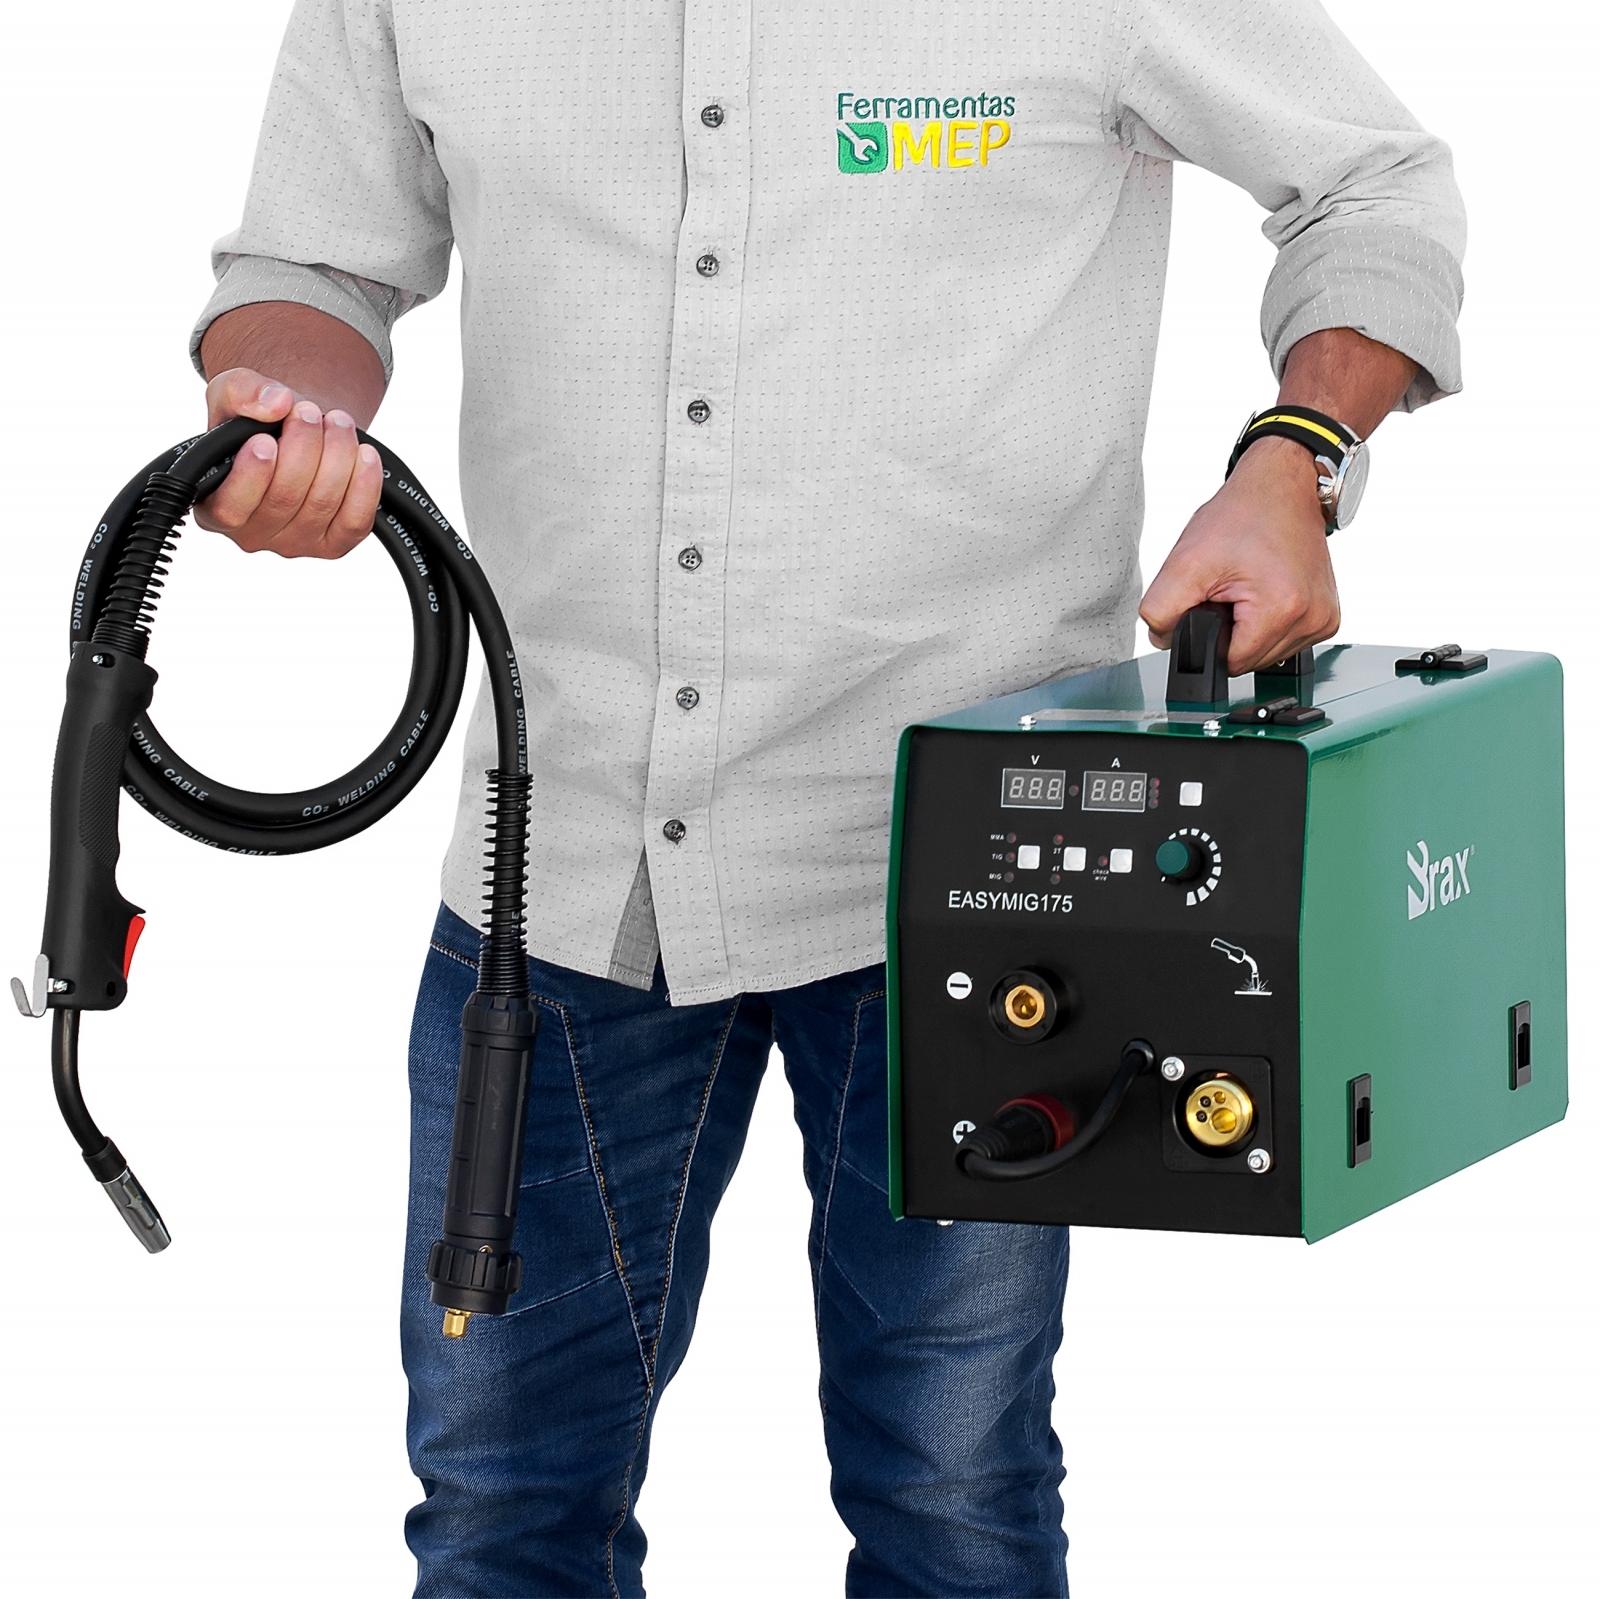 Maquina de Solda Mig Mag Brax 175 e Tig Completa - Ferramentas MEP